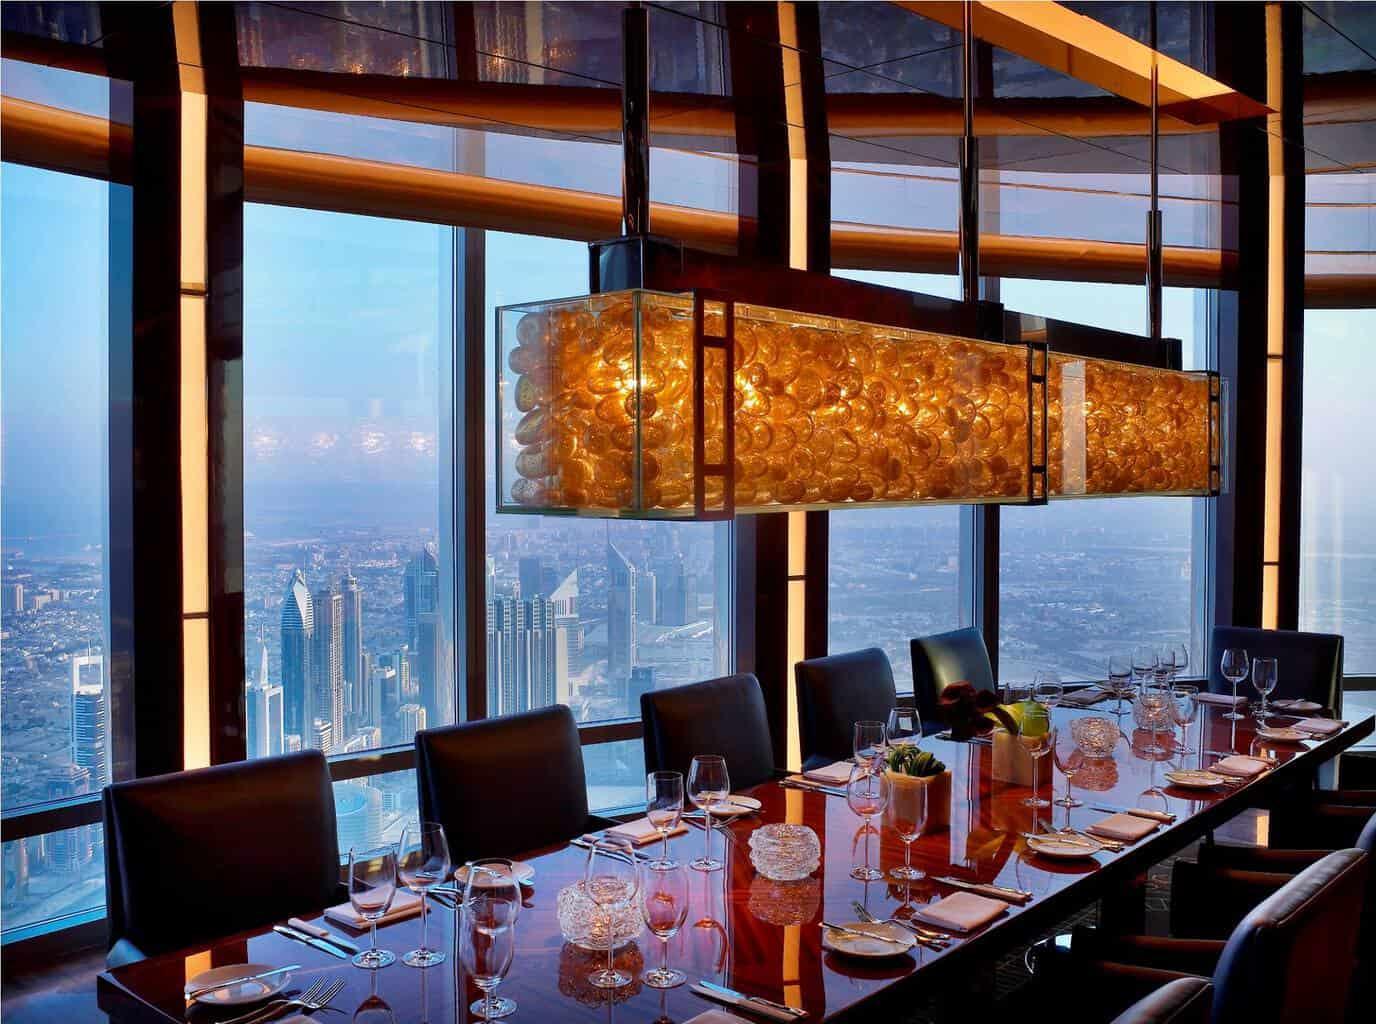 At.Mosphere, uno de los restaurantes más inusuales en el mundo, ubicado en el Burj Khalifa, Dubái.